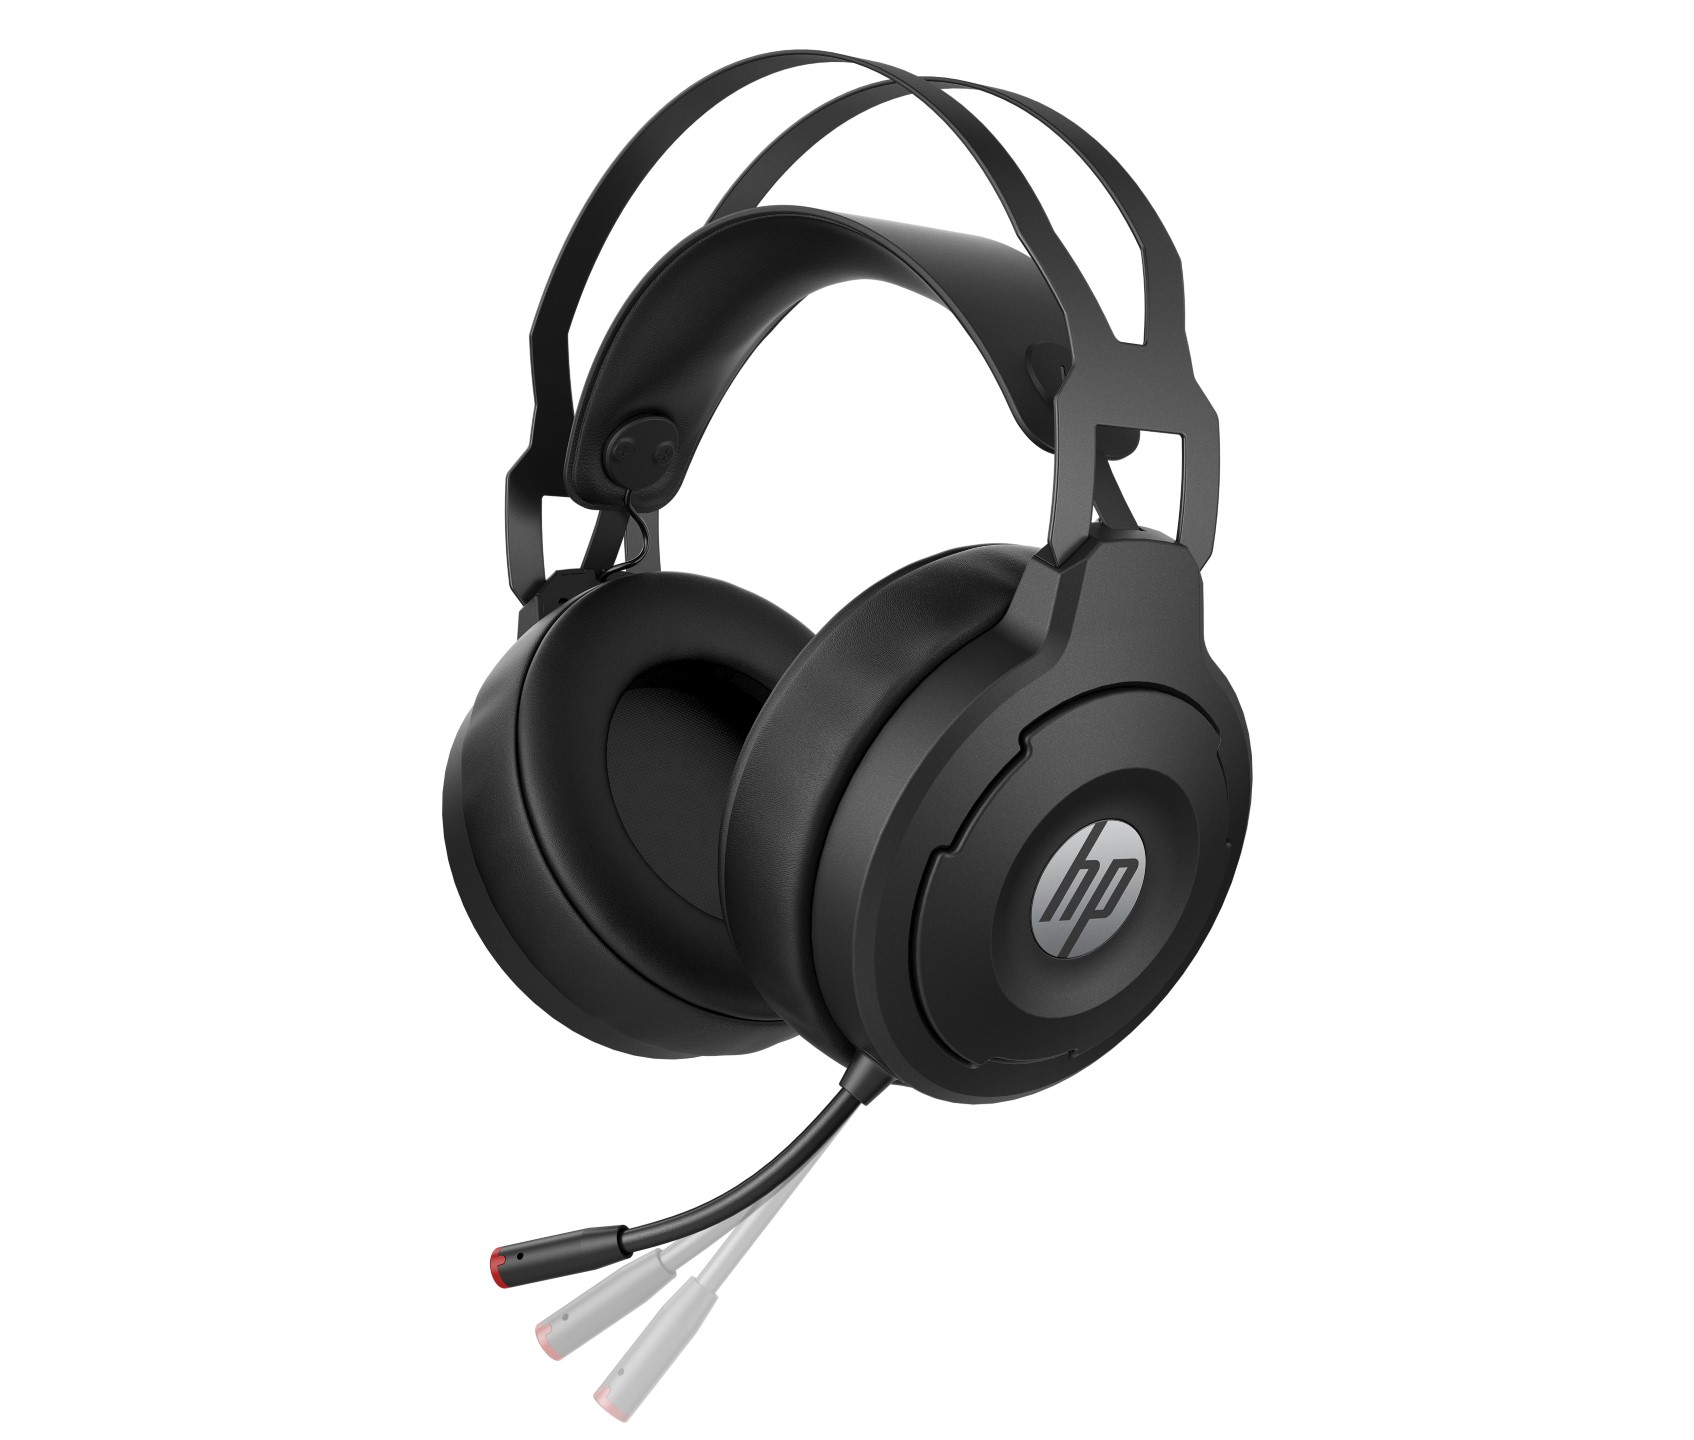 Zubehör: HP bringt neue Headsets, Lautsprecher und Ohrstöpsel - HP Wireless Gaming Headset X1000 (Bild: HP)